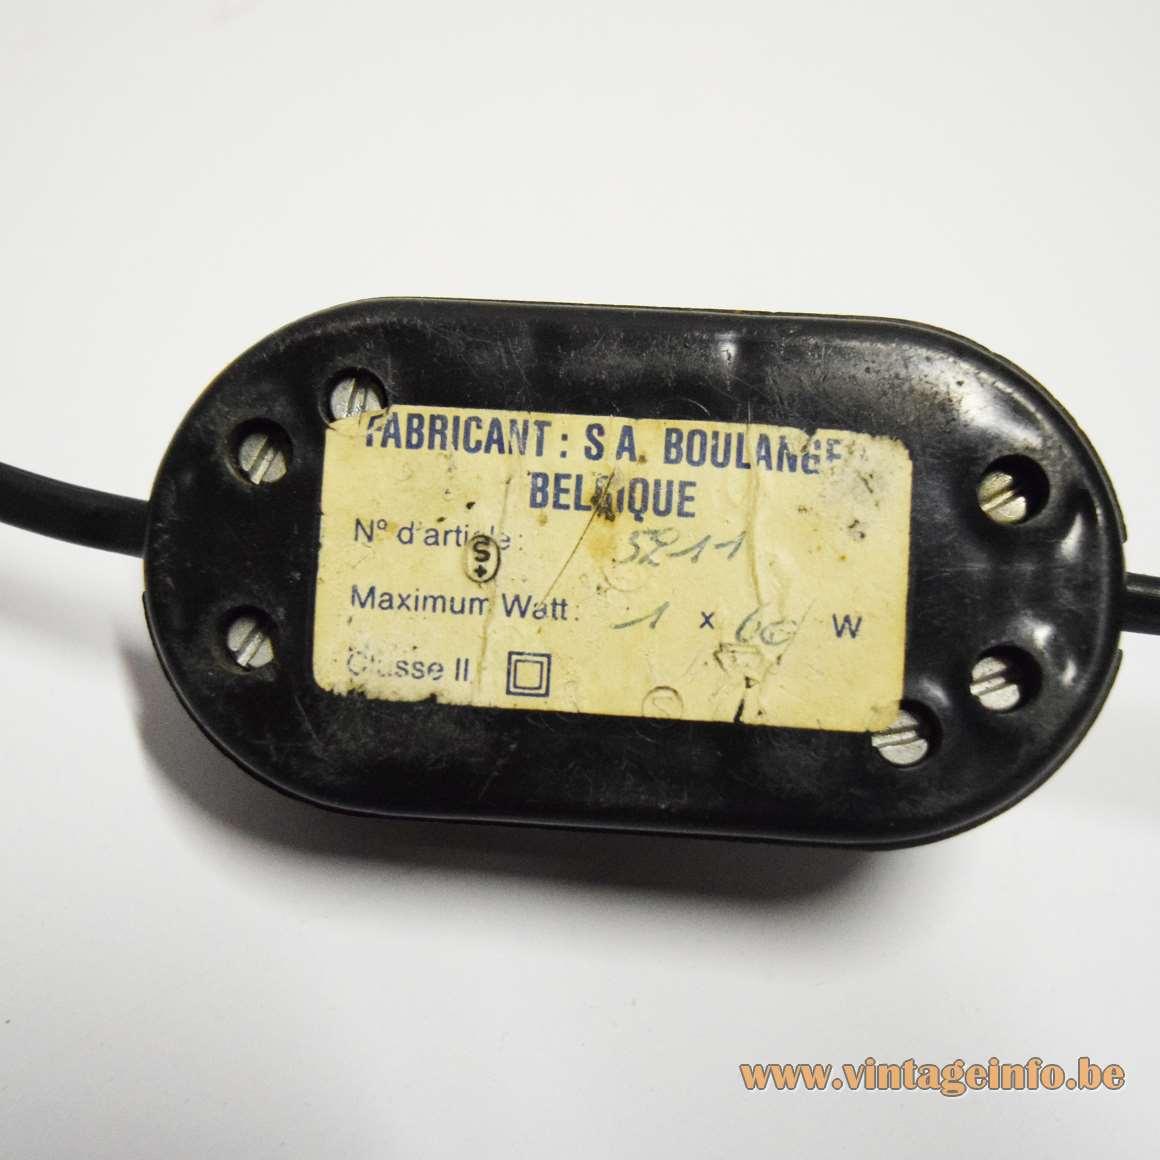 Boulanger Reading Floor Lamp - VLM Switch D-662 + S.A. Boulanger Label - Model 5211